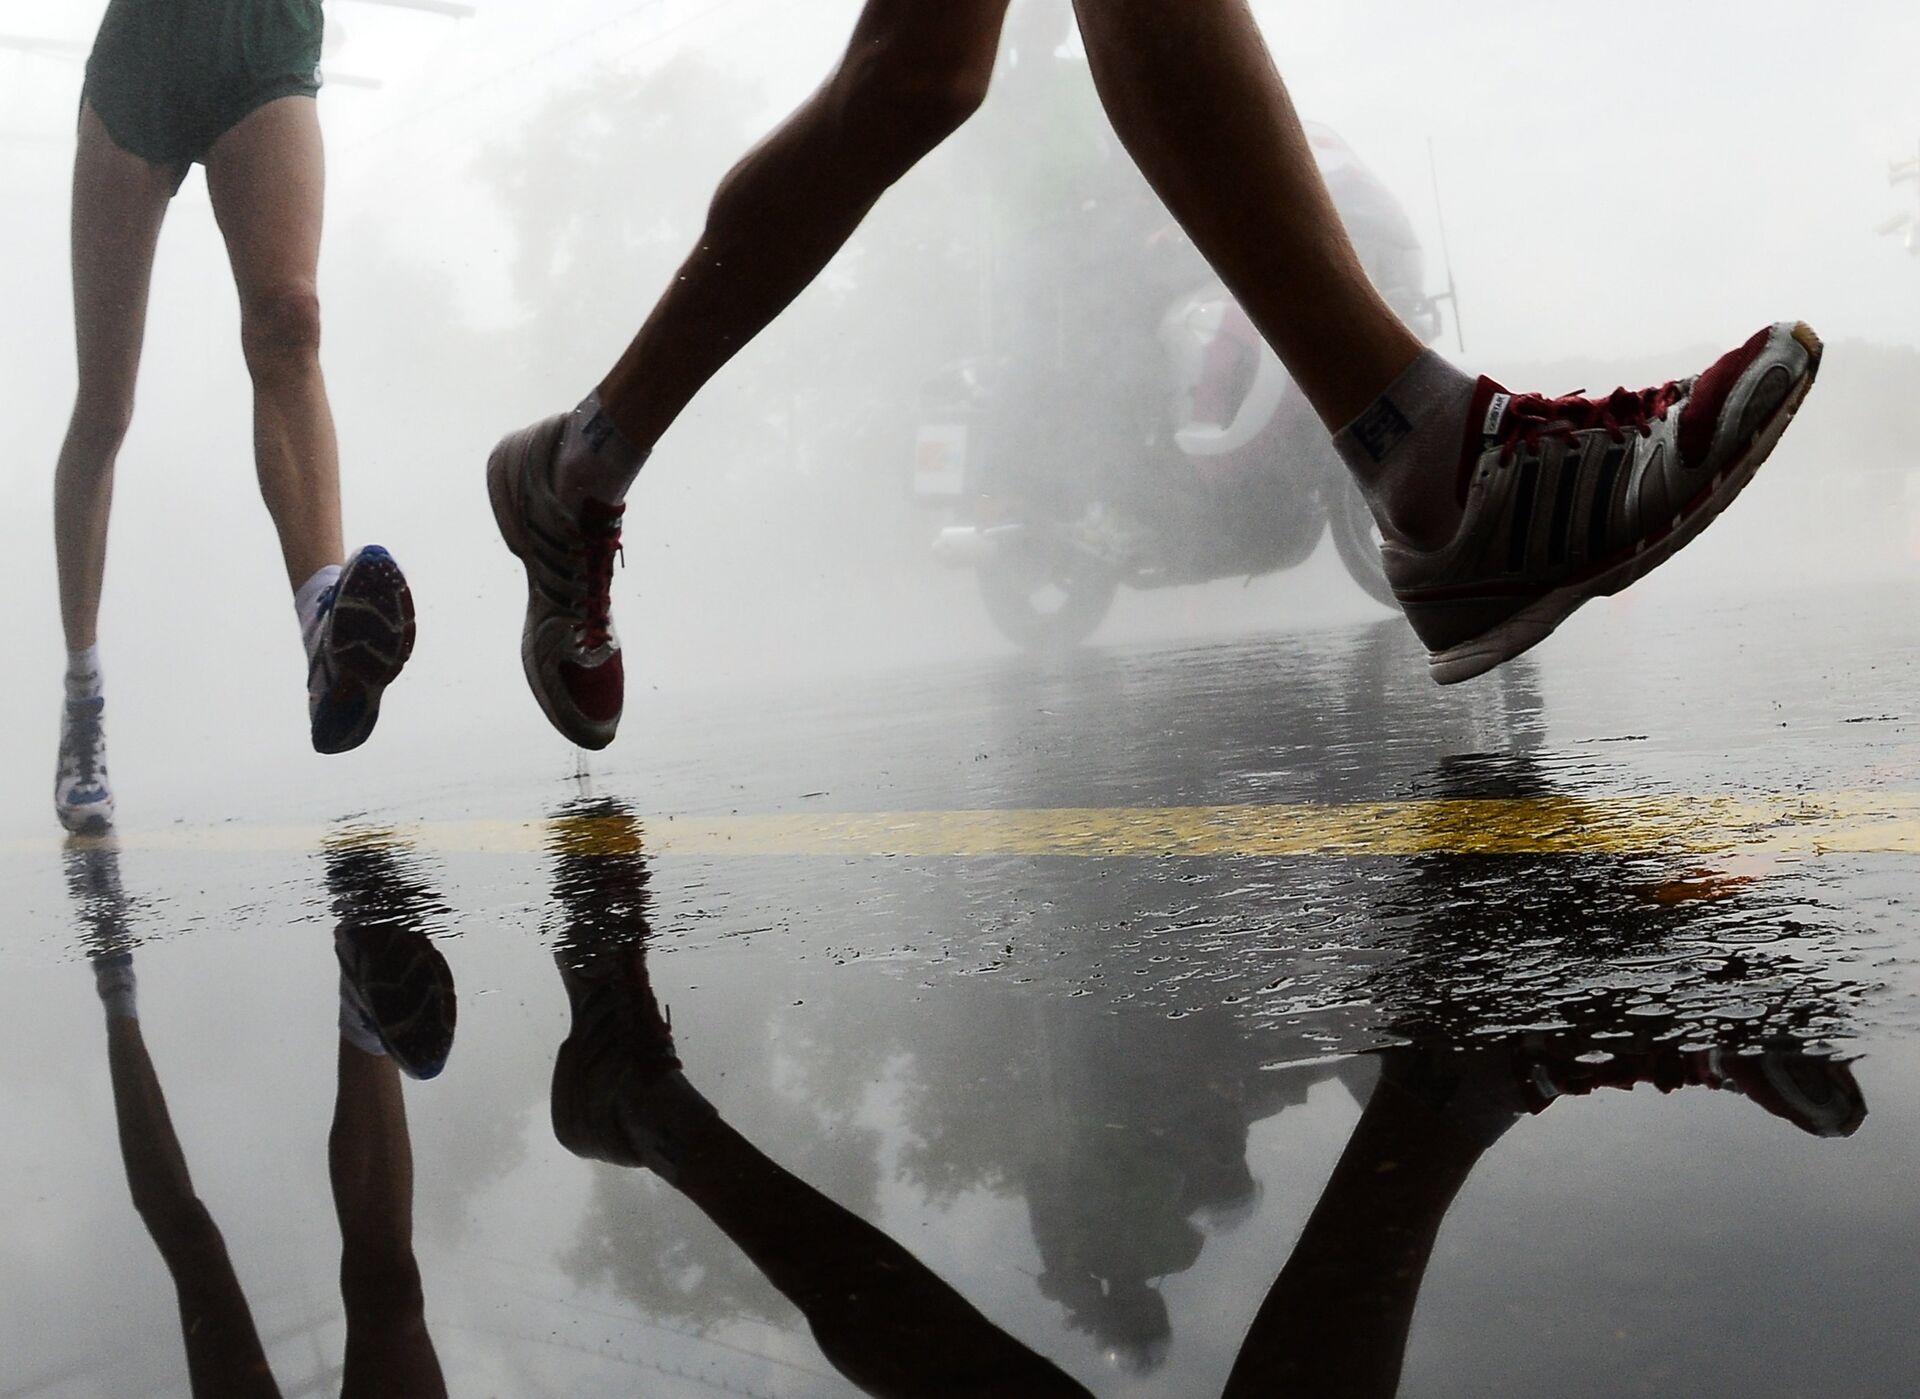 По-настоящему эффективна для фигуры быстрая спортивная ходьба, не переходящая в бег - Sputnik Южная Осетия, 1920, 26.10.2021